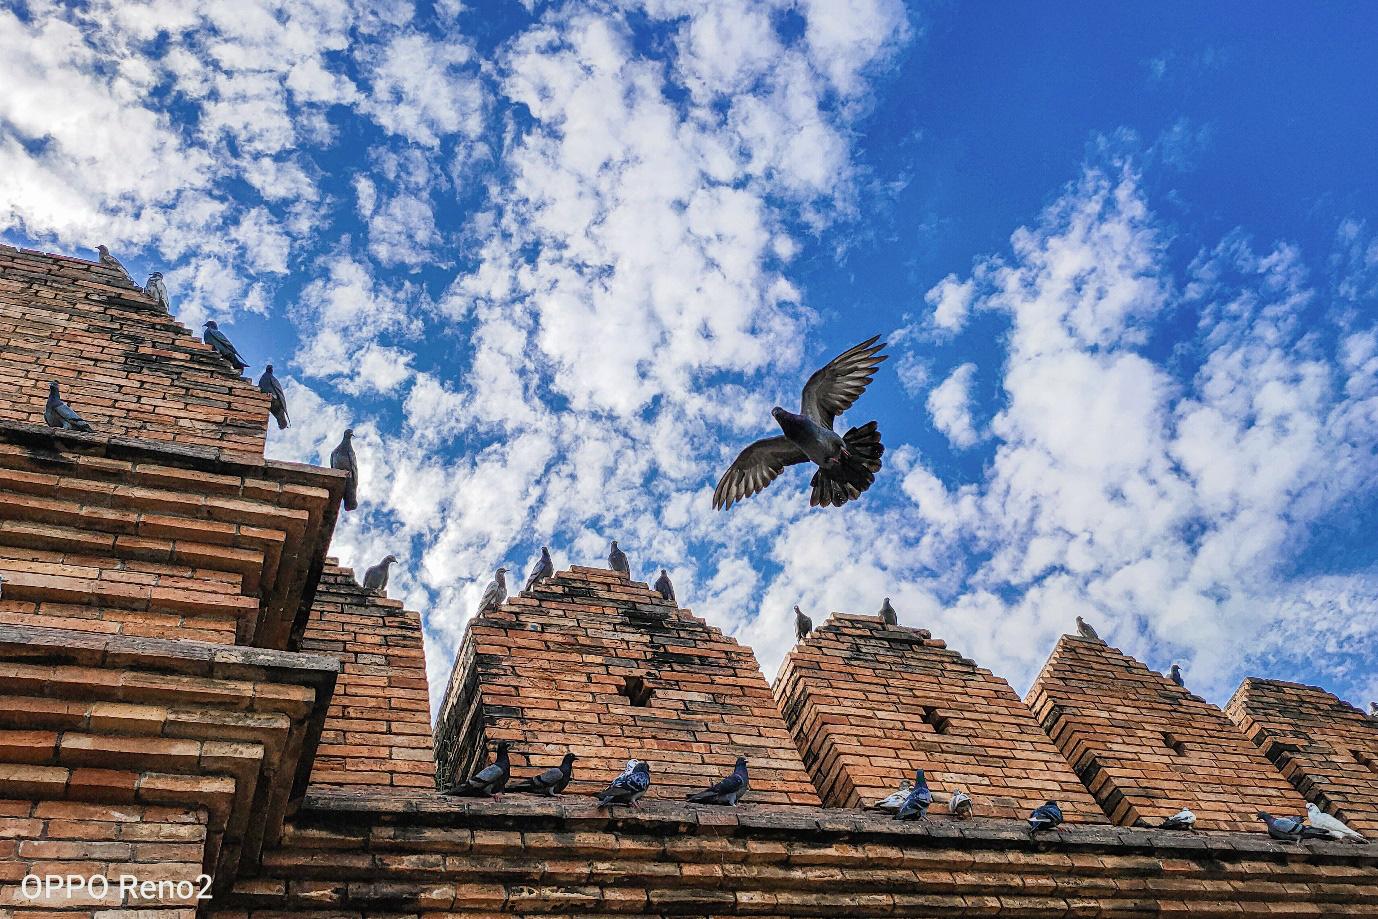 Khám phá vẻ đẹp cổ kính và thanh bình của Chiang Mai qua ống kính OPPO Reno2 - Ảnh 2.